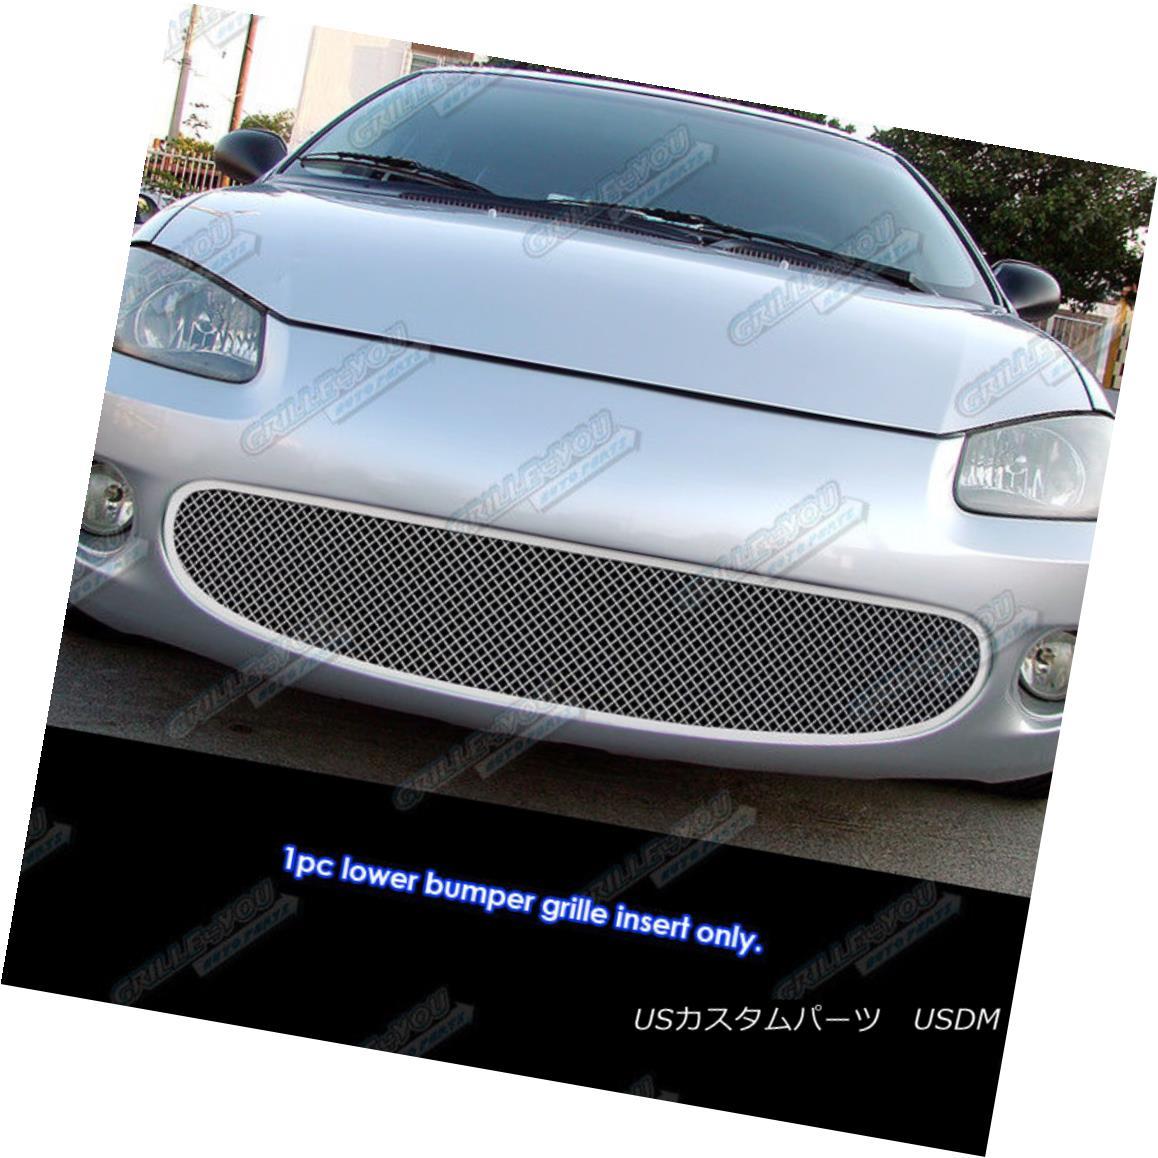 グリル Fits 2001-2003 Chrysler Sebring Sedan Stainless Steel Mesh Grille Grill Insert 適合2001-2003クライスラーセブンステンレスメッシュグリルグリルインサート